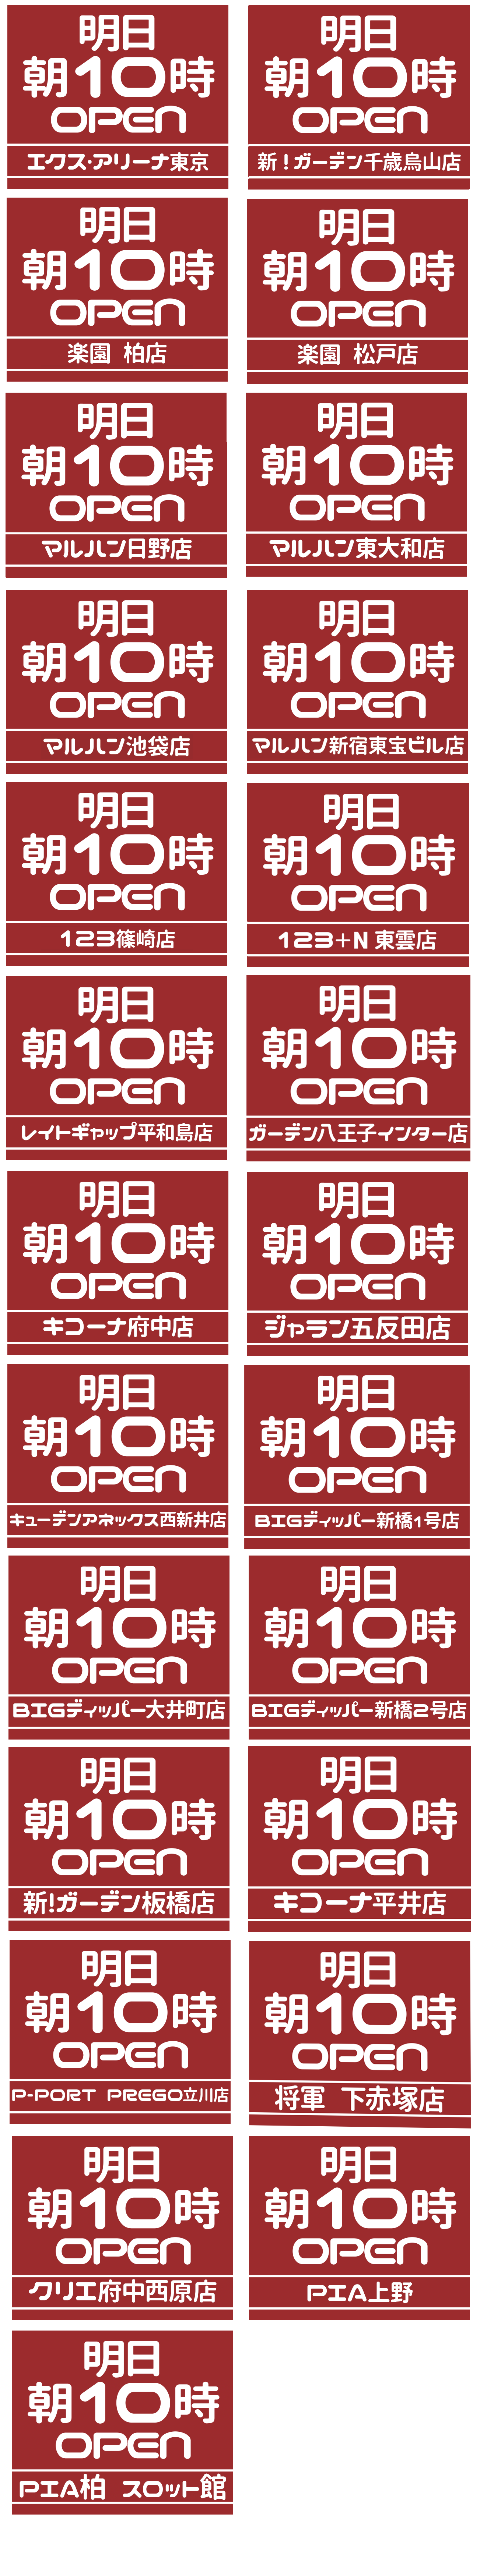 明日東京店舗一覧_1104